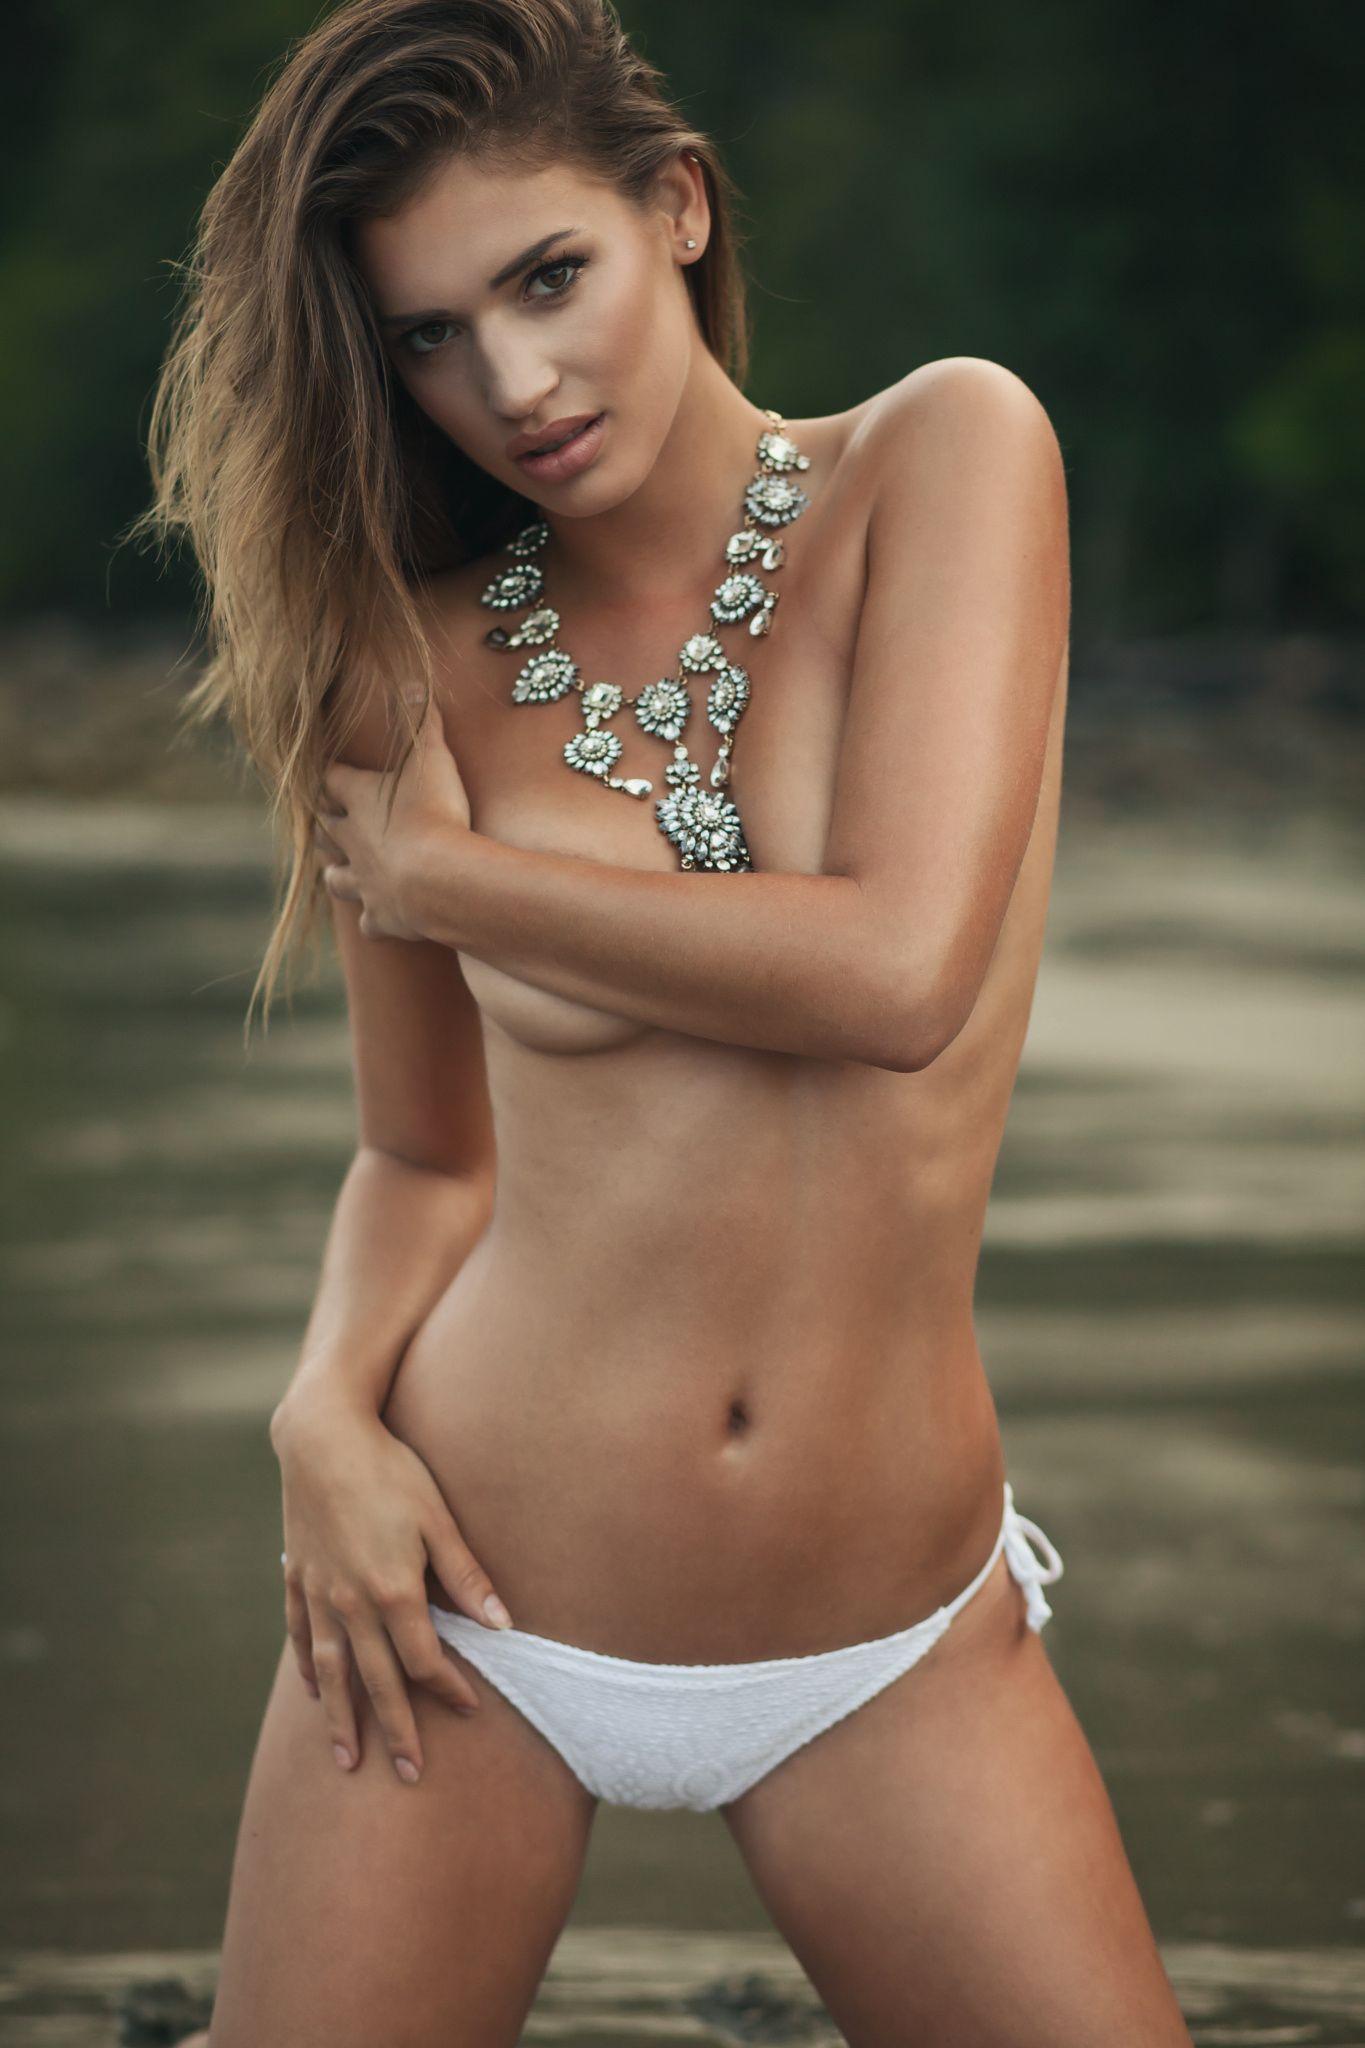 Anna Nicol By Jason Harynuk On 500px Beach Pinterest